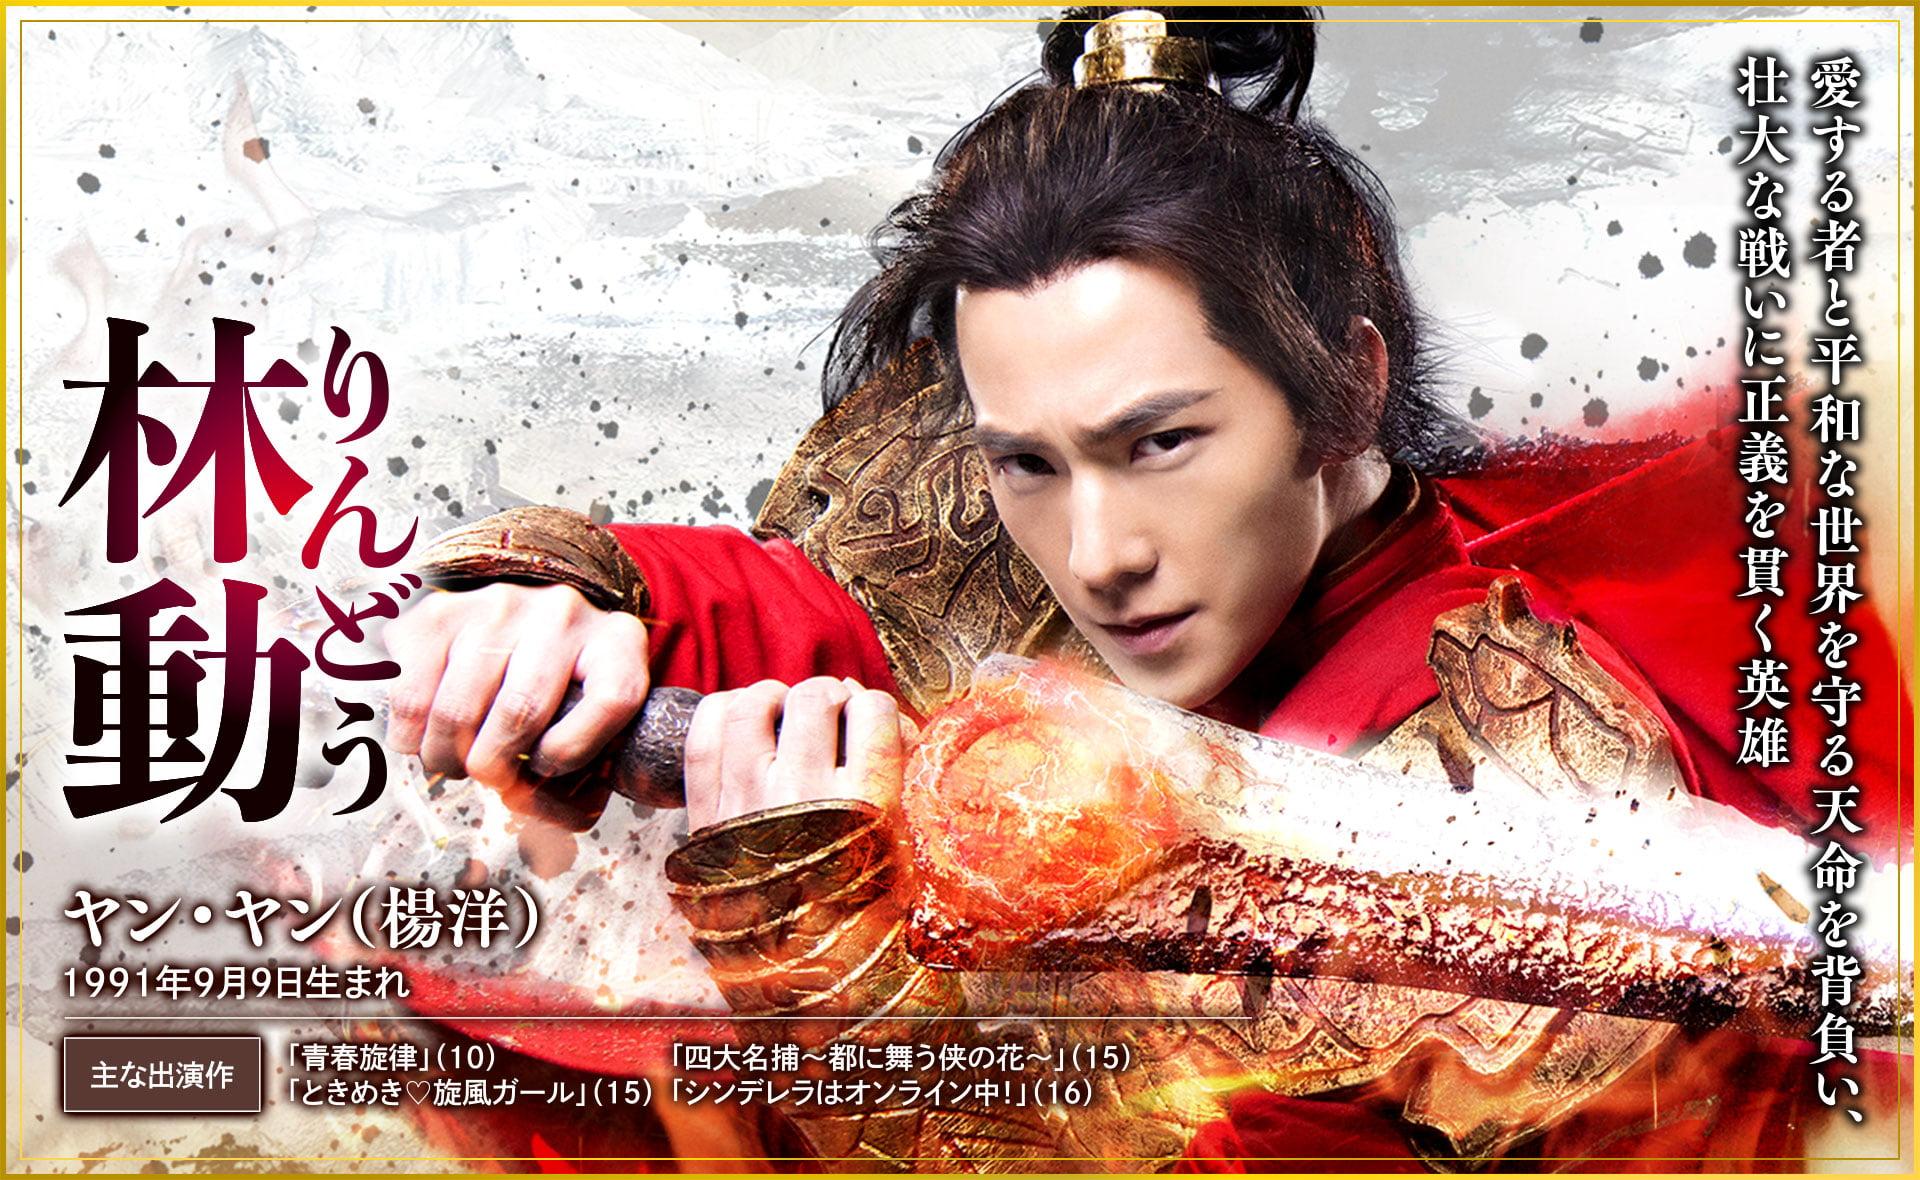 ドラマ 神龍 中国